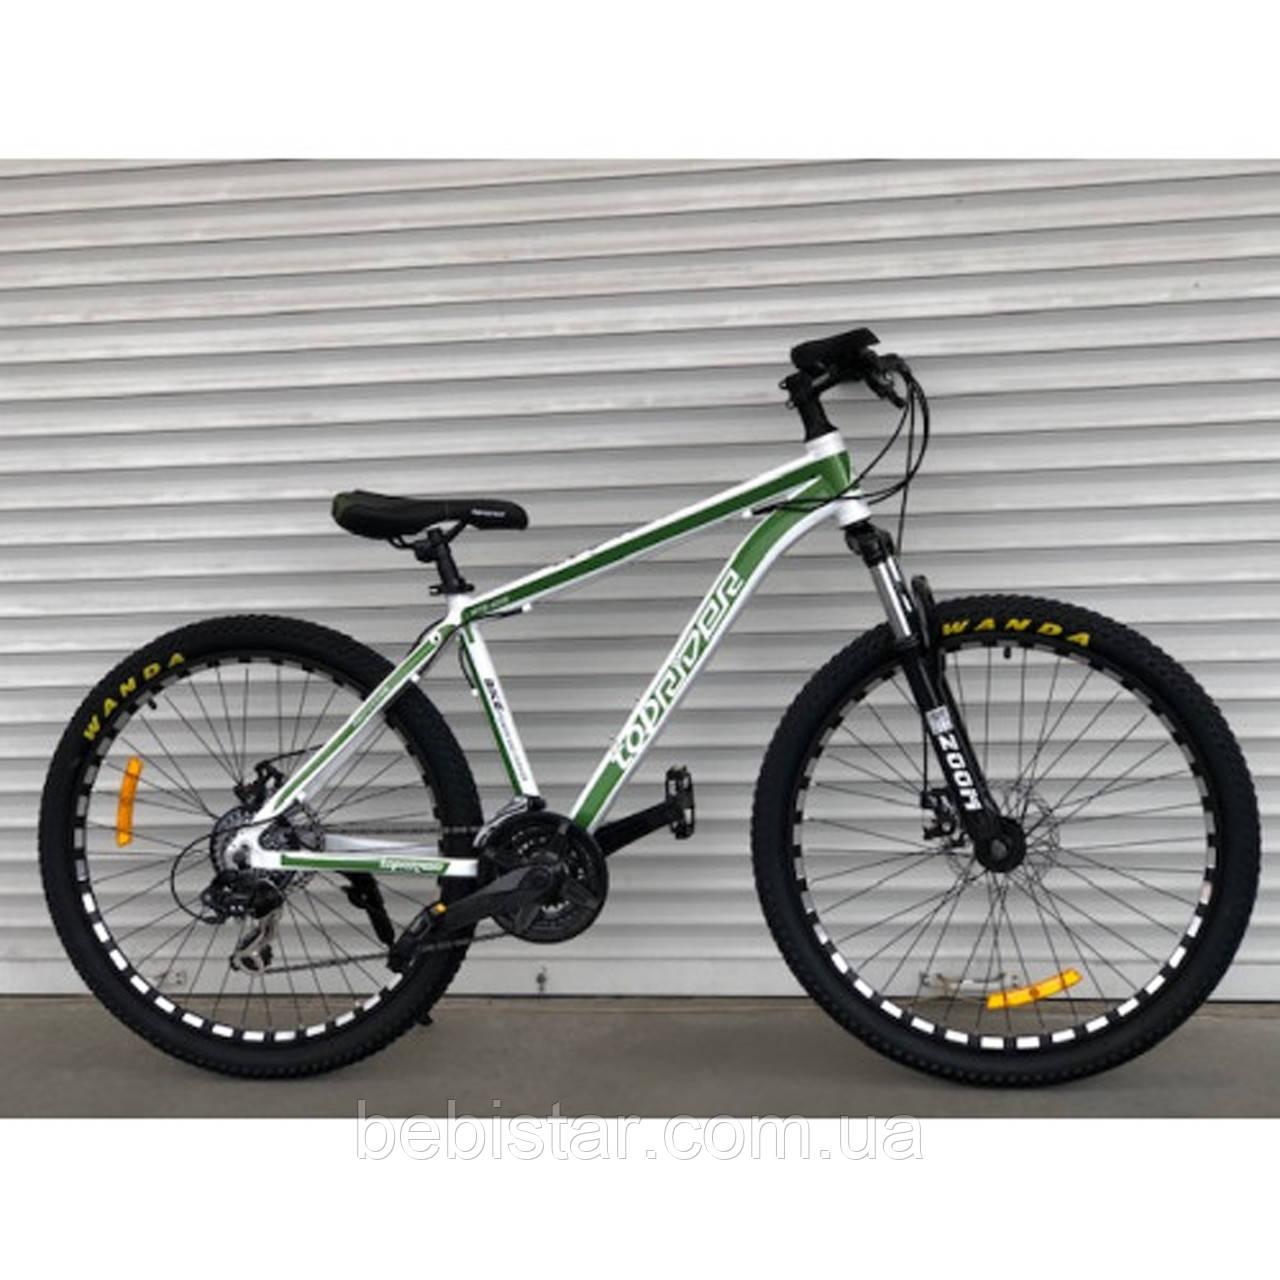 Спортивный велосипед салатовый ТopRider 26 дюймов 21скорость алюминиевая рама 17 детям с 14 лет рост от 160 см